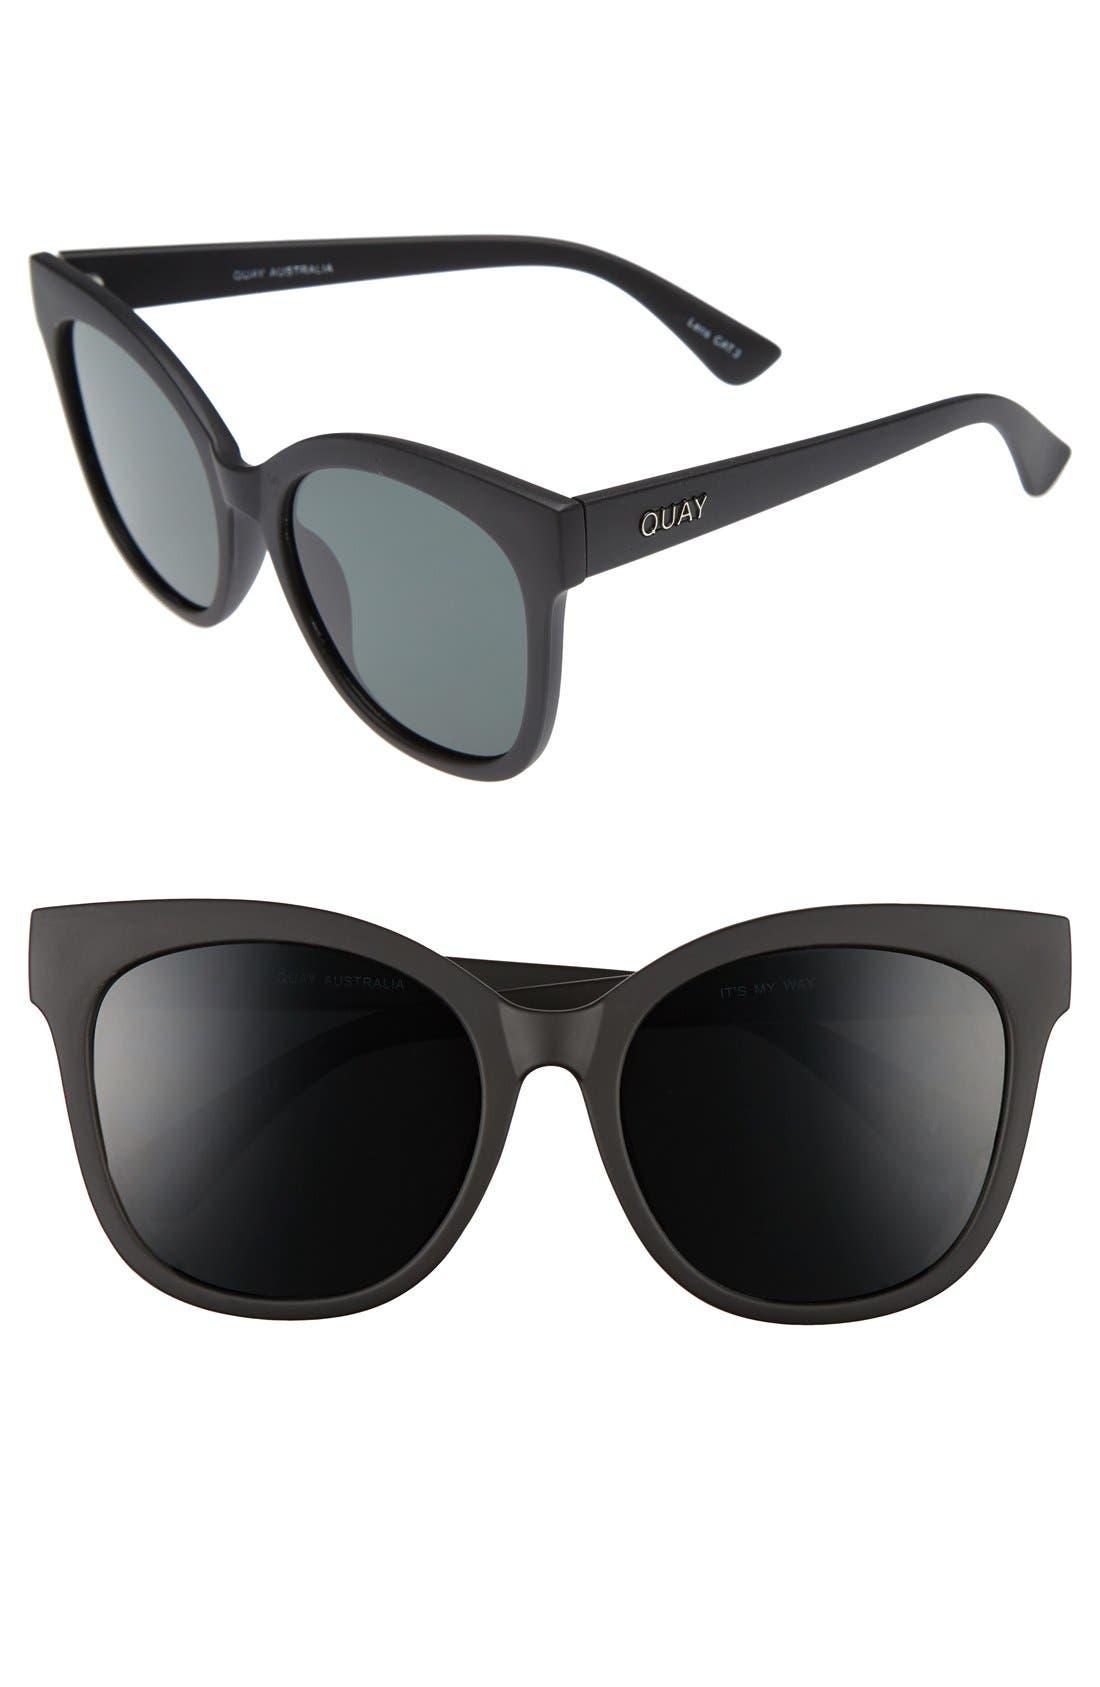 Quay Black Sunglasses